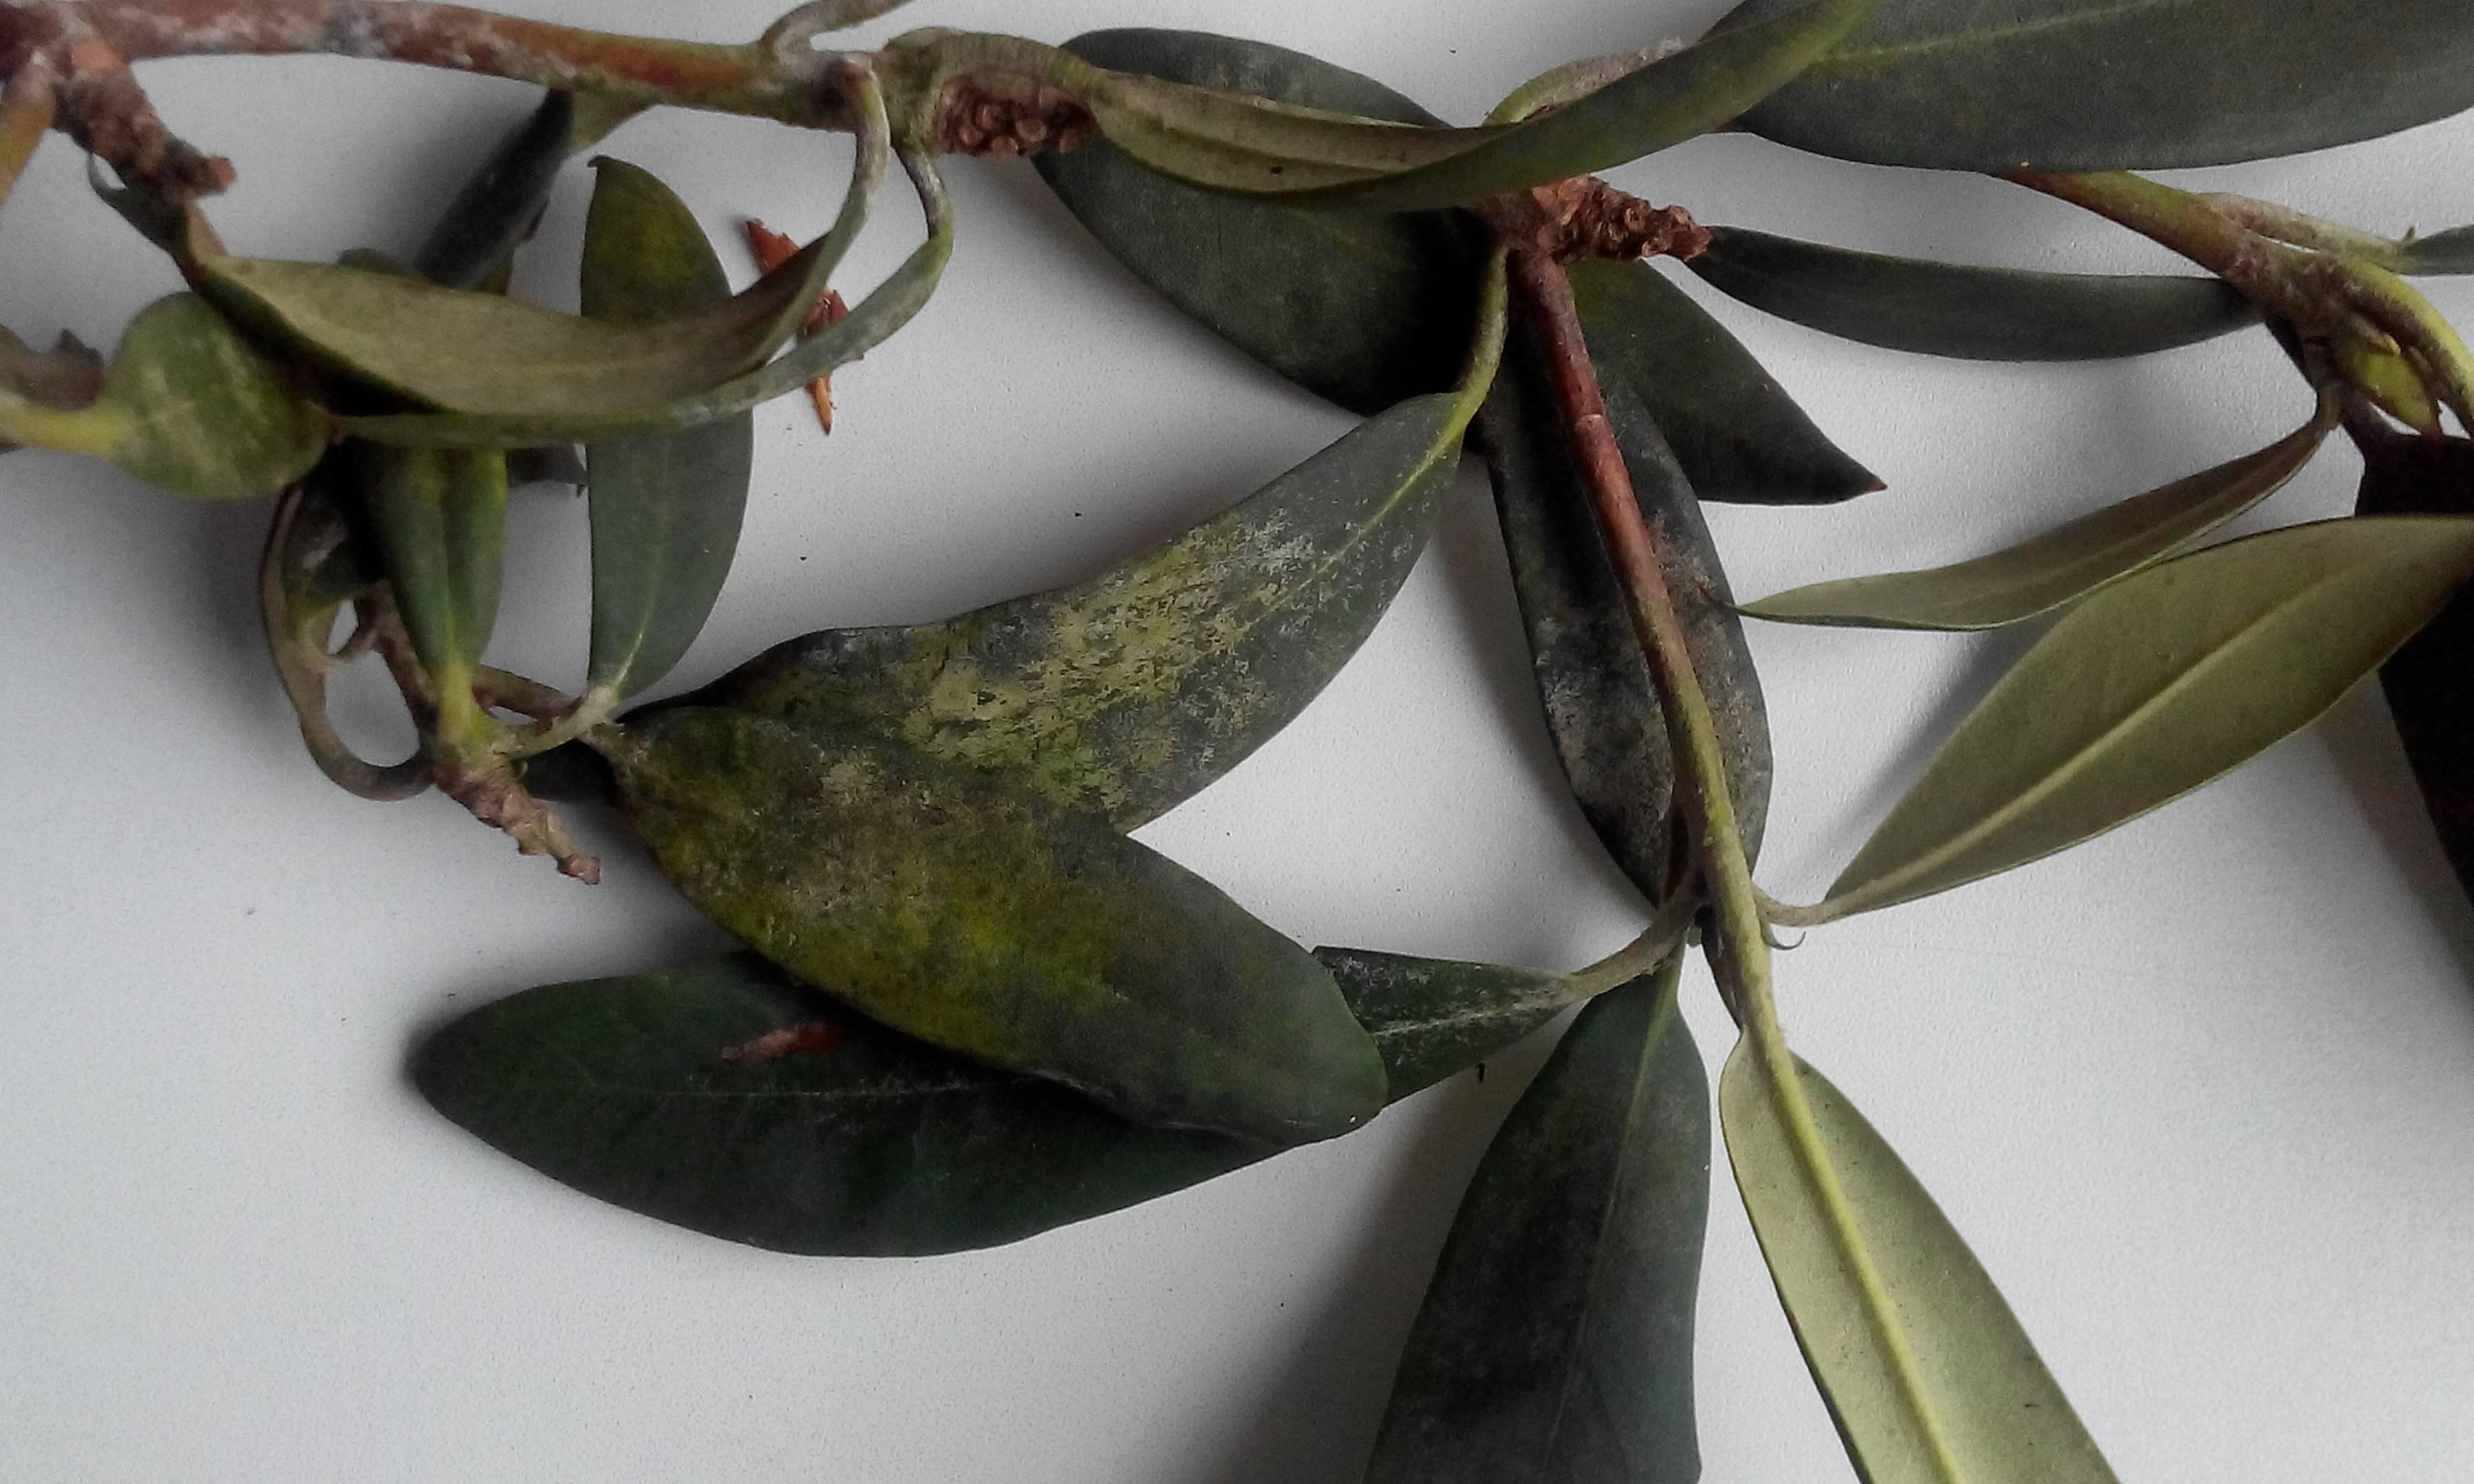 Почему азалия сбрасывает листья, что делать, если скидывает зеленые, по какой причине в домашних условиях осыпаются все бутоны, и как спасти комнатный рододендрон?